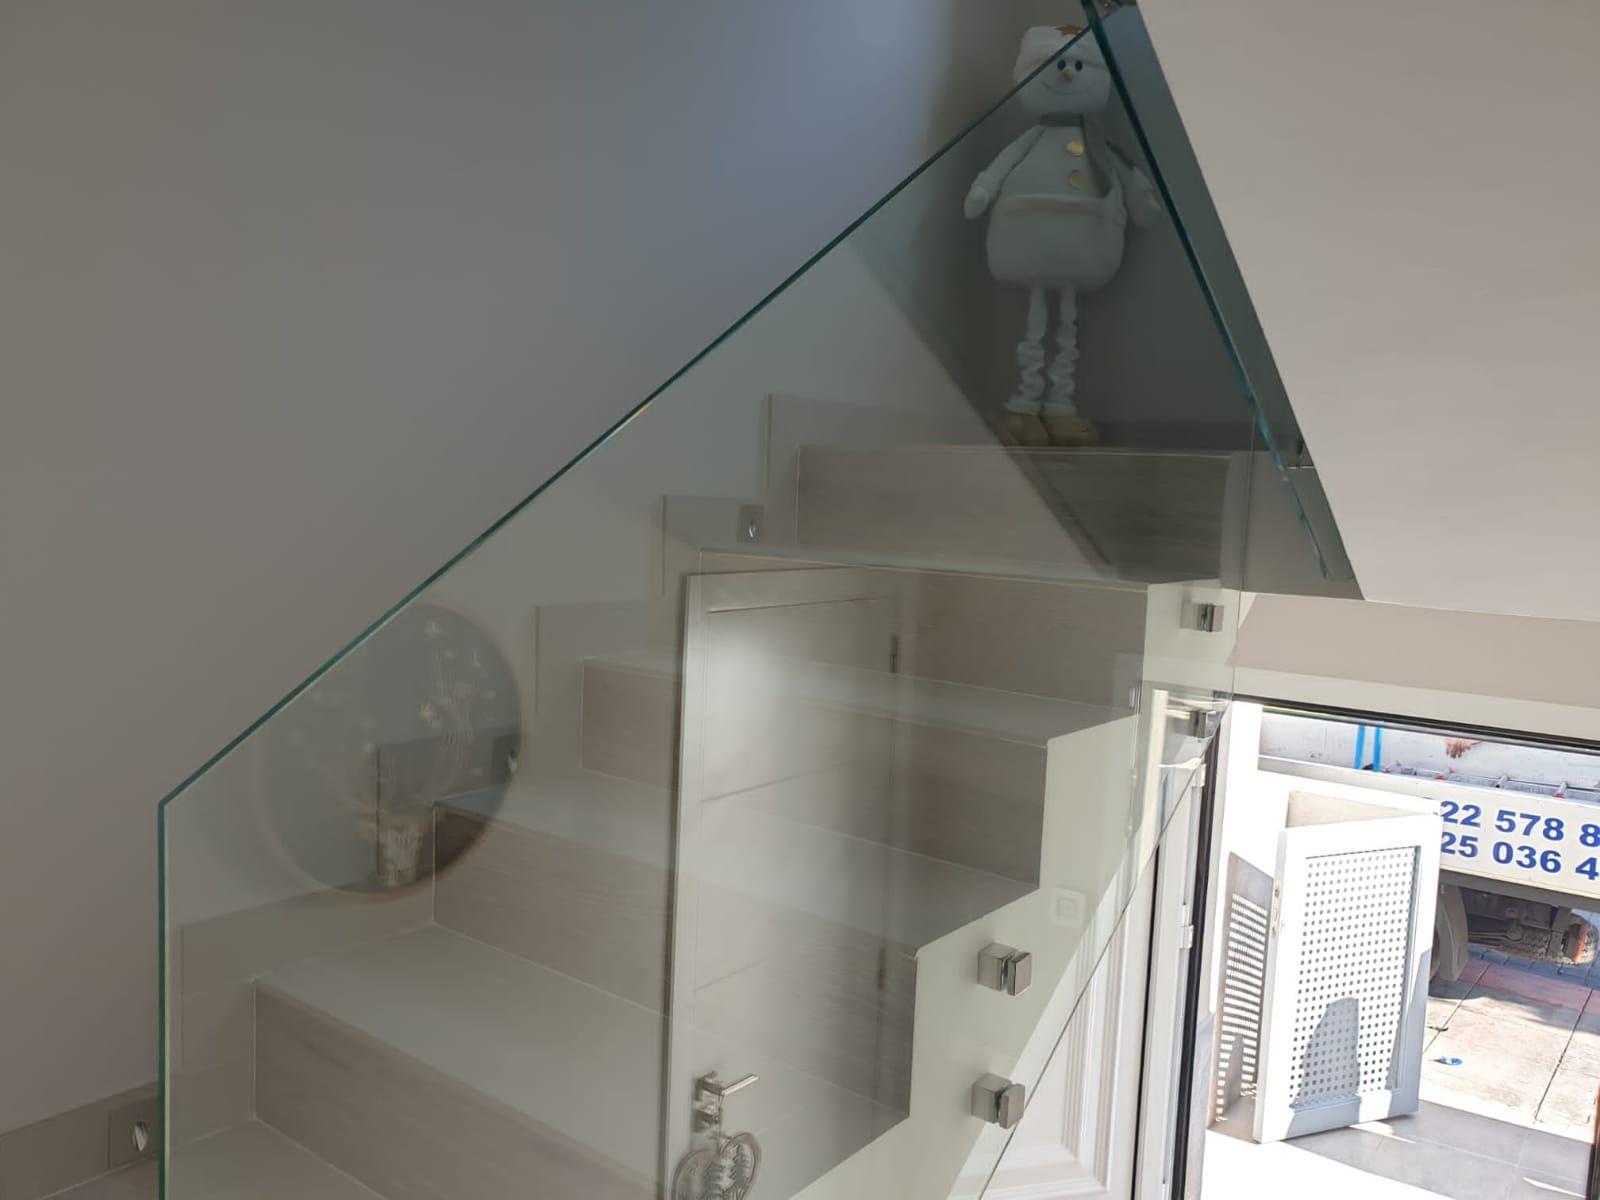 Foto 173 de Carpintería de aluminio, metálica y PVC en La Matanza | Namiju Aluminios